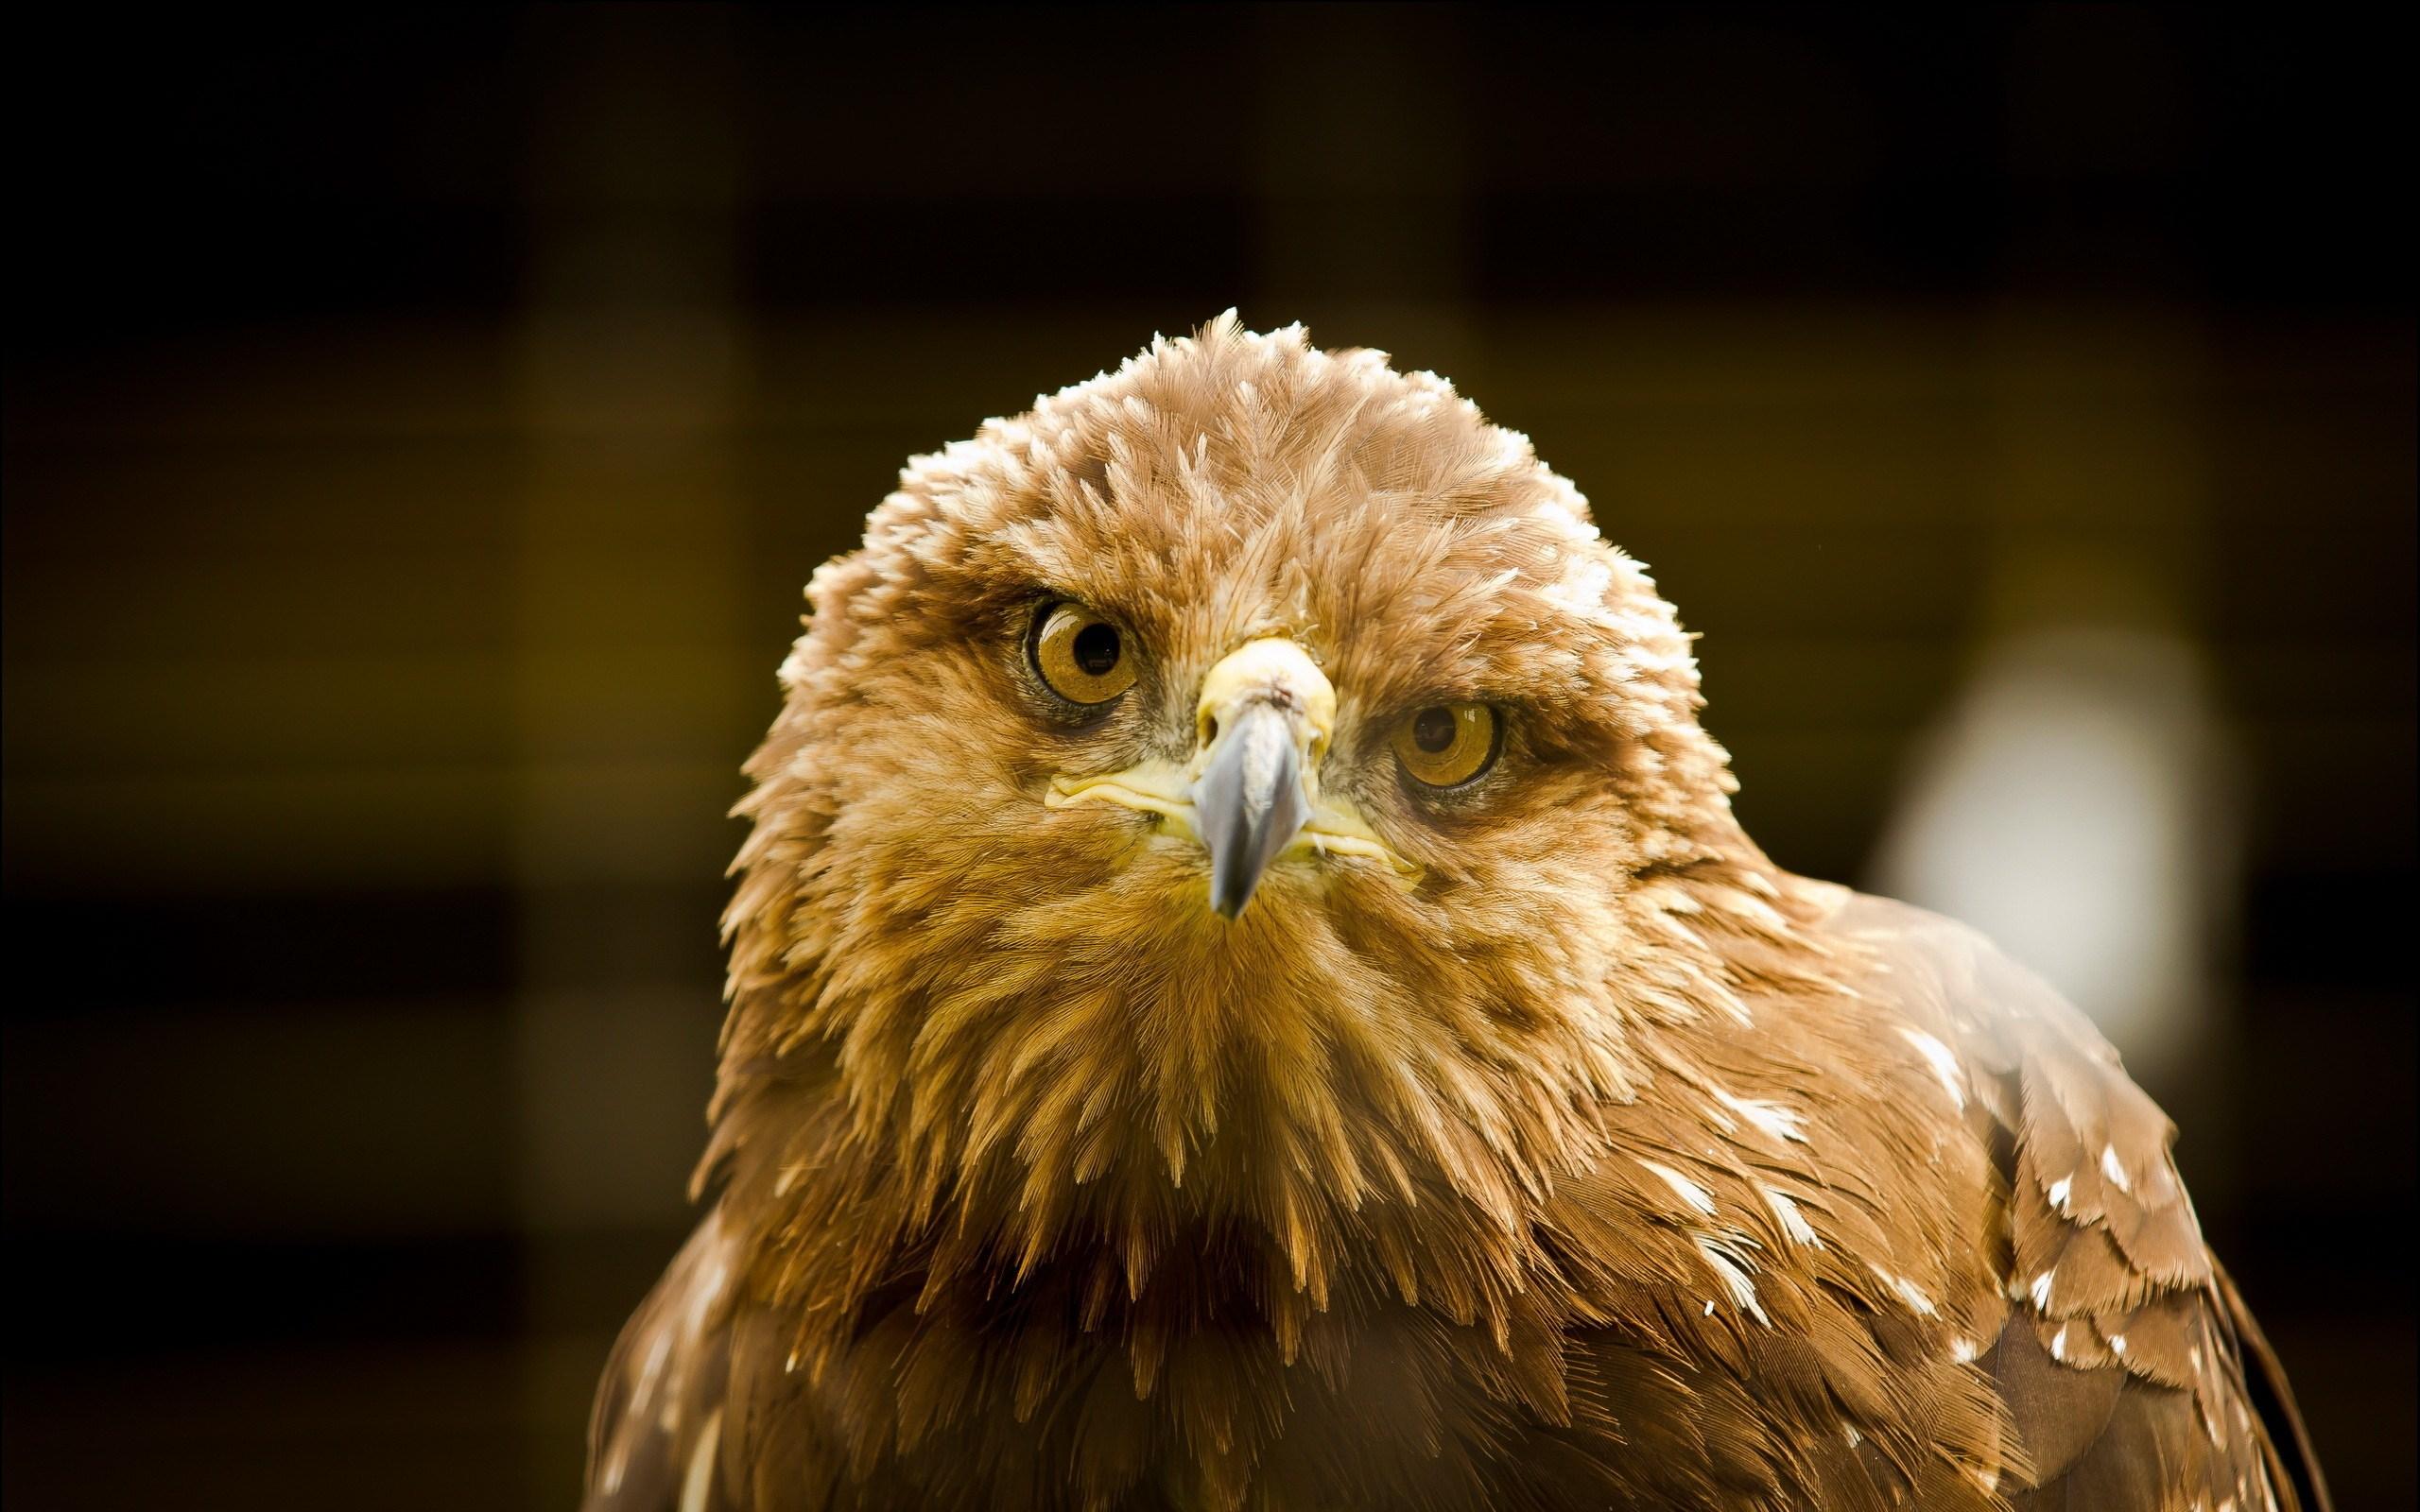 Bird Eagle Look